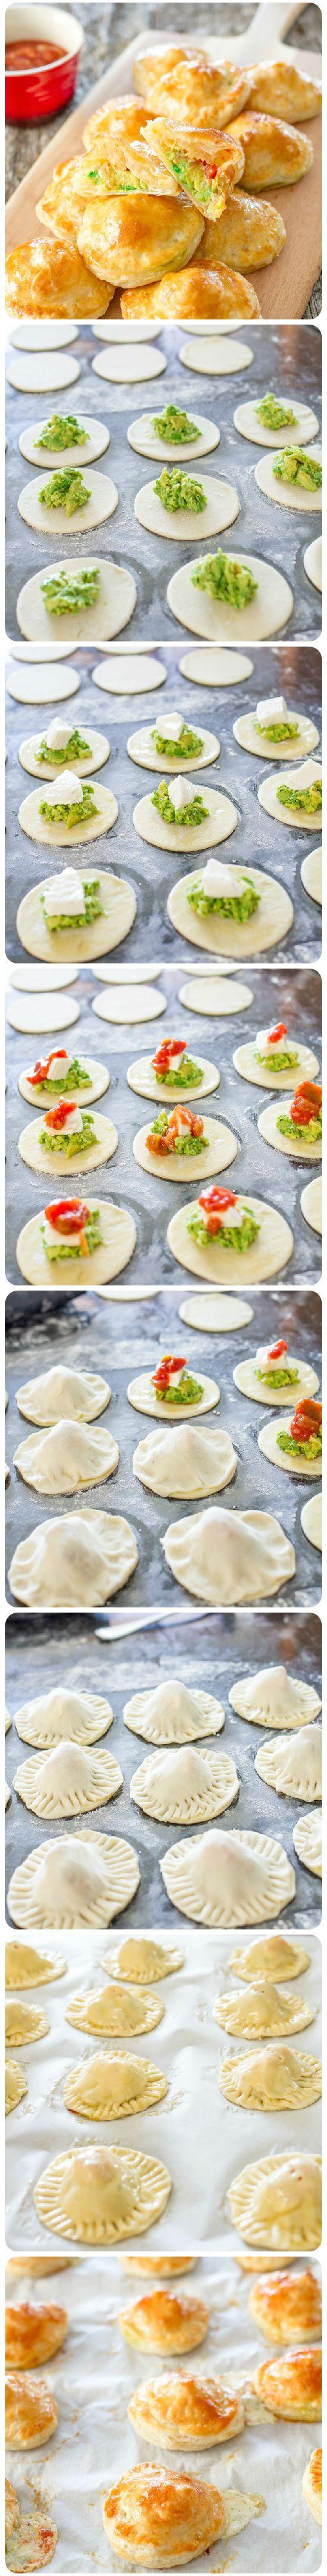 Avocado Mozzarella Puffs